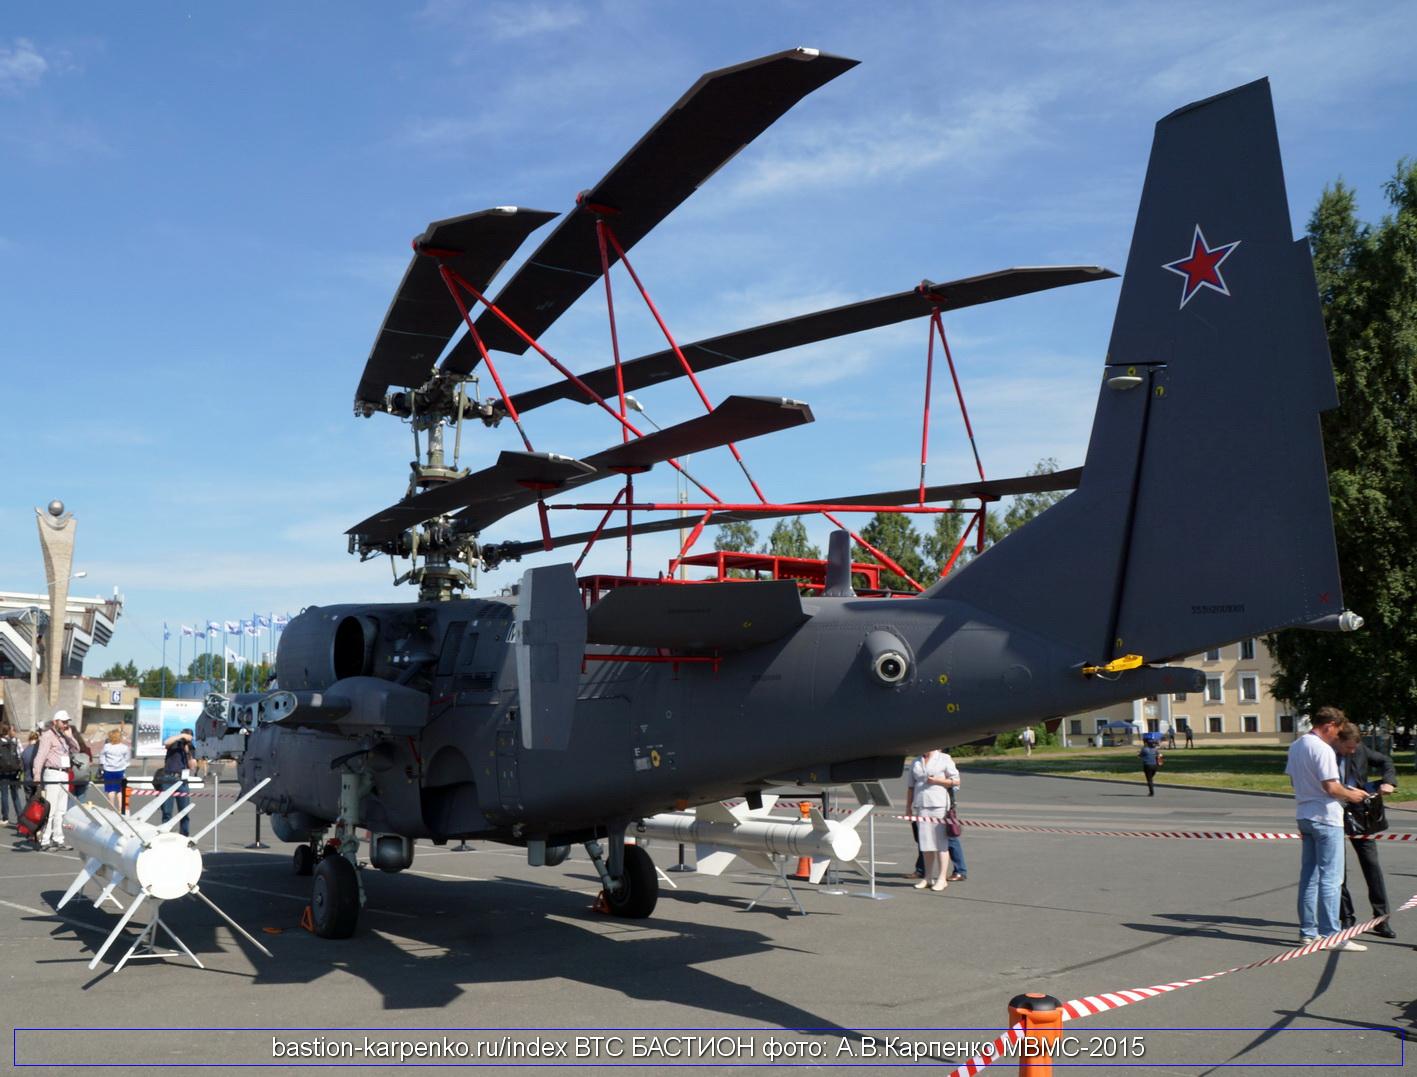 ka-52k_mvms-2015_05.JPG